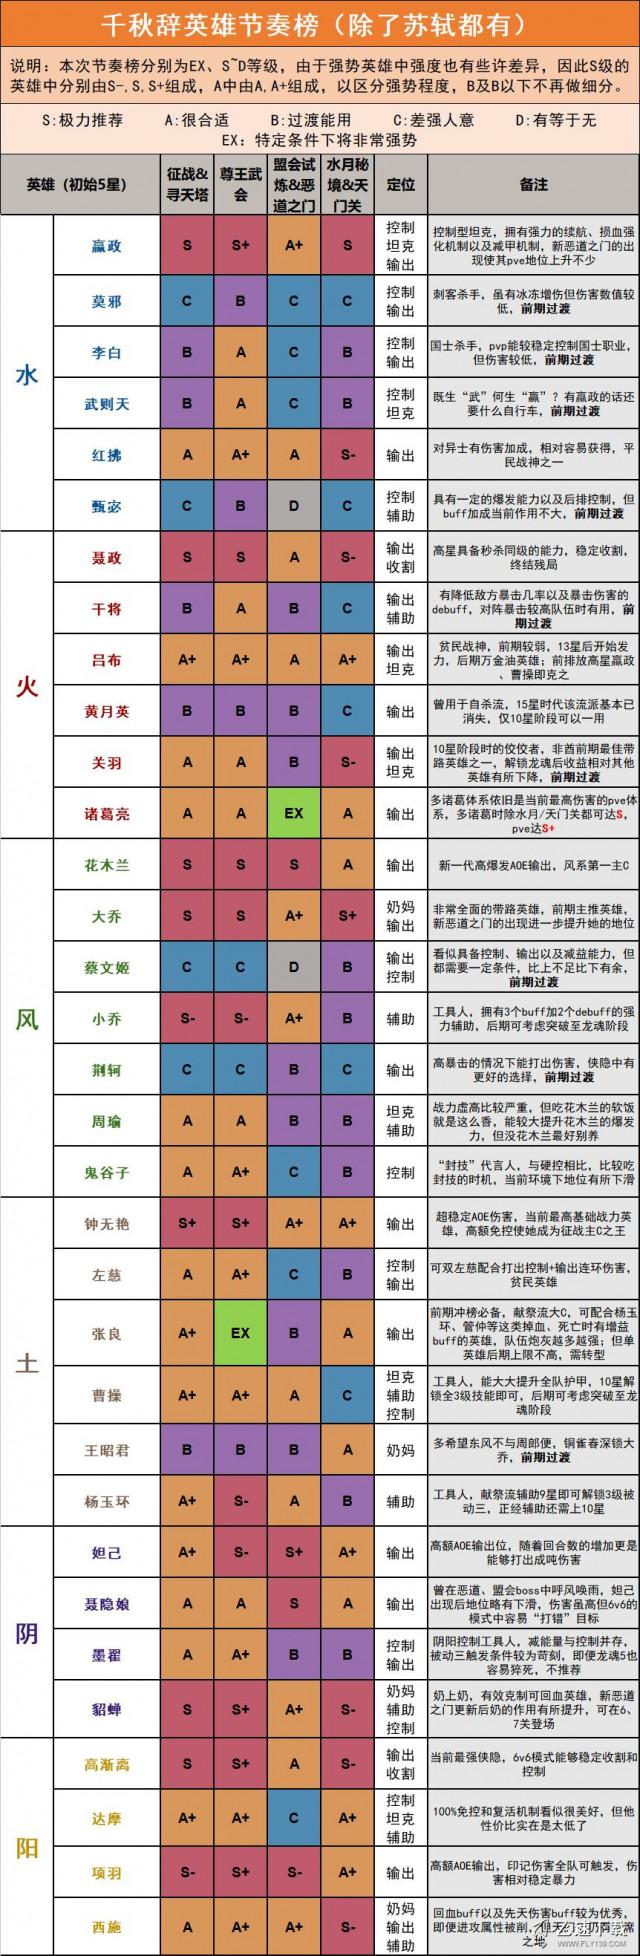 千秋辞英雄节奏榜,英雄强度排行榜[多图]图片2